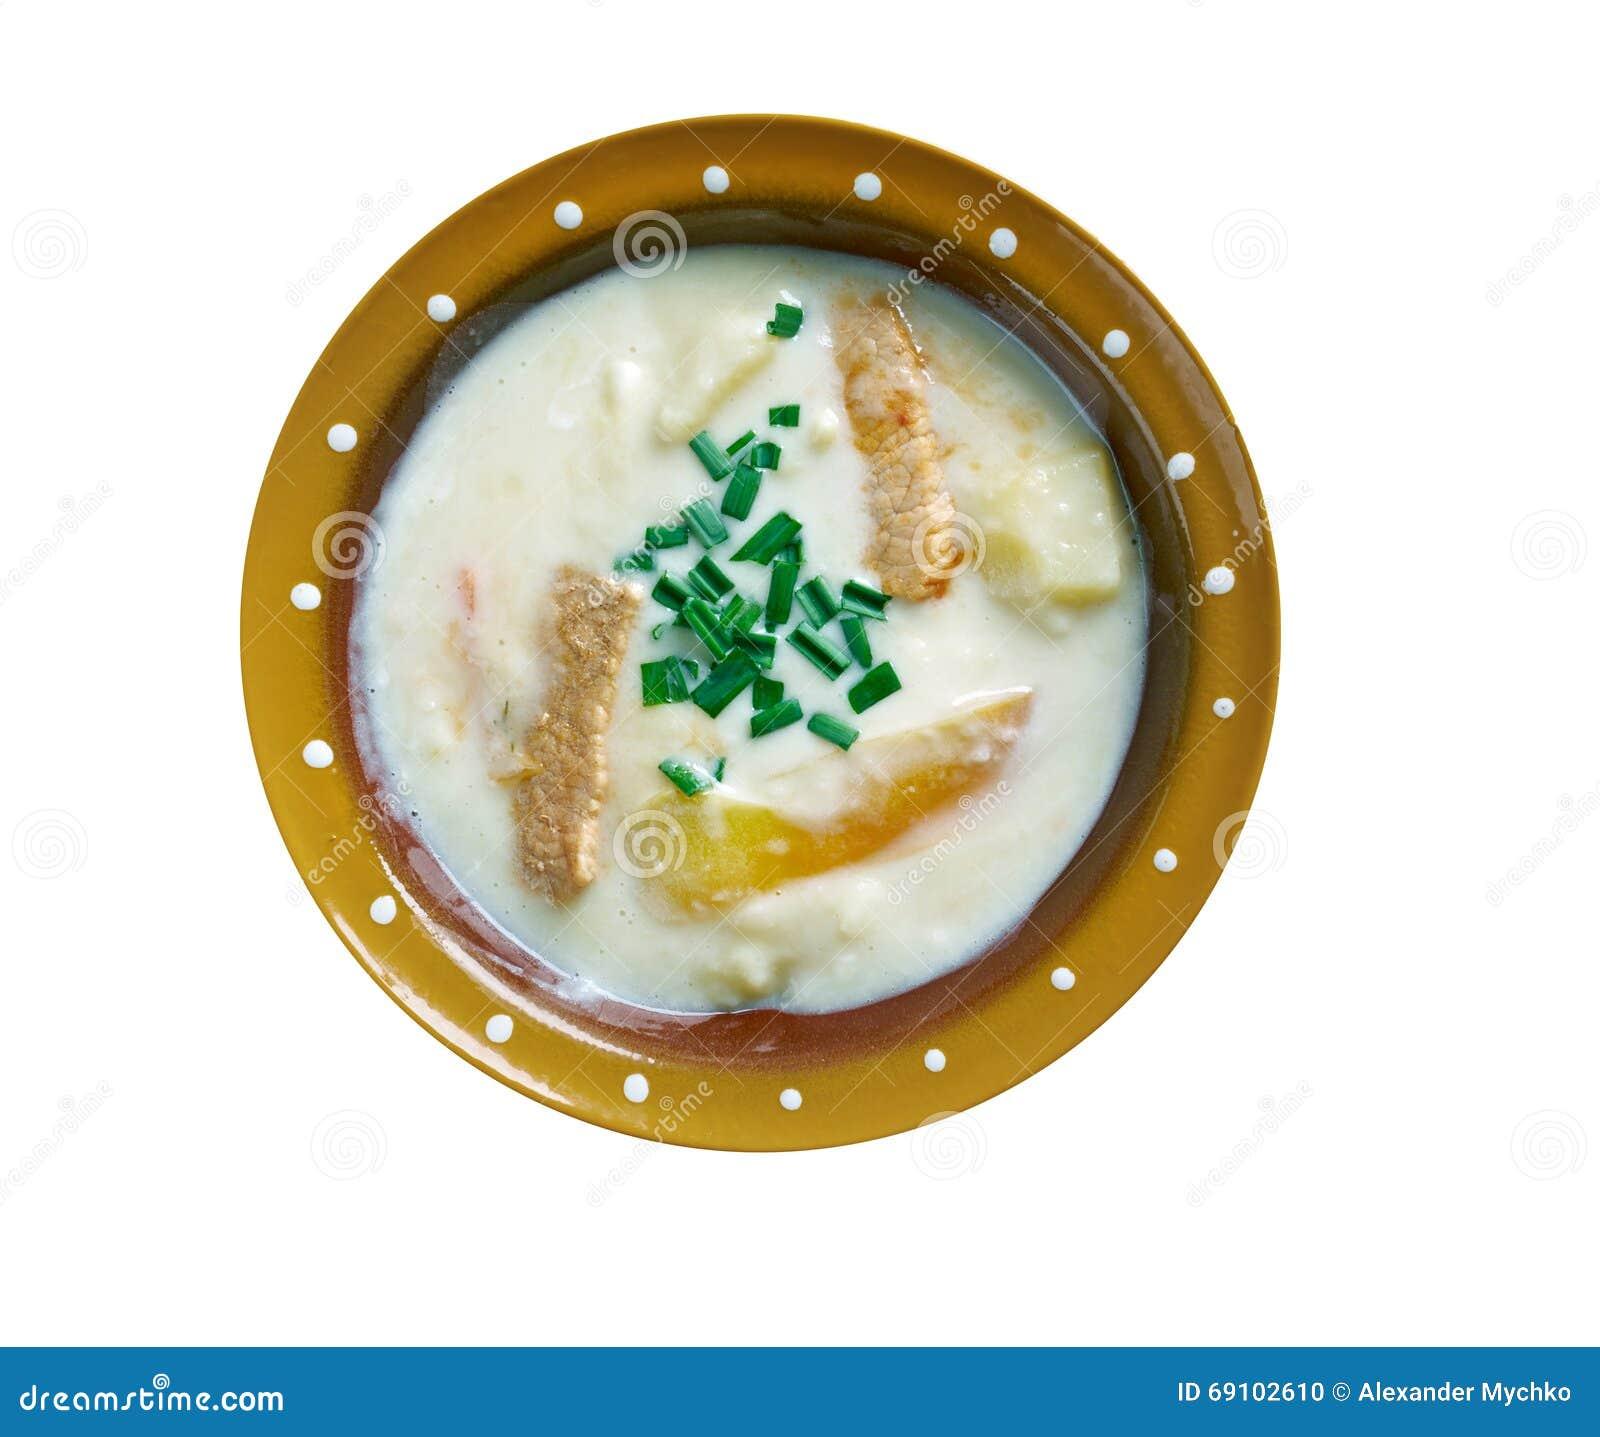 soupe aux pommes de terre de hungarina photo stock image 69102610. Black Bedroom Furniture Sets. Home Design Ideas